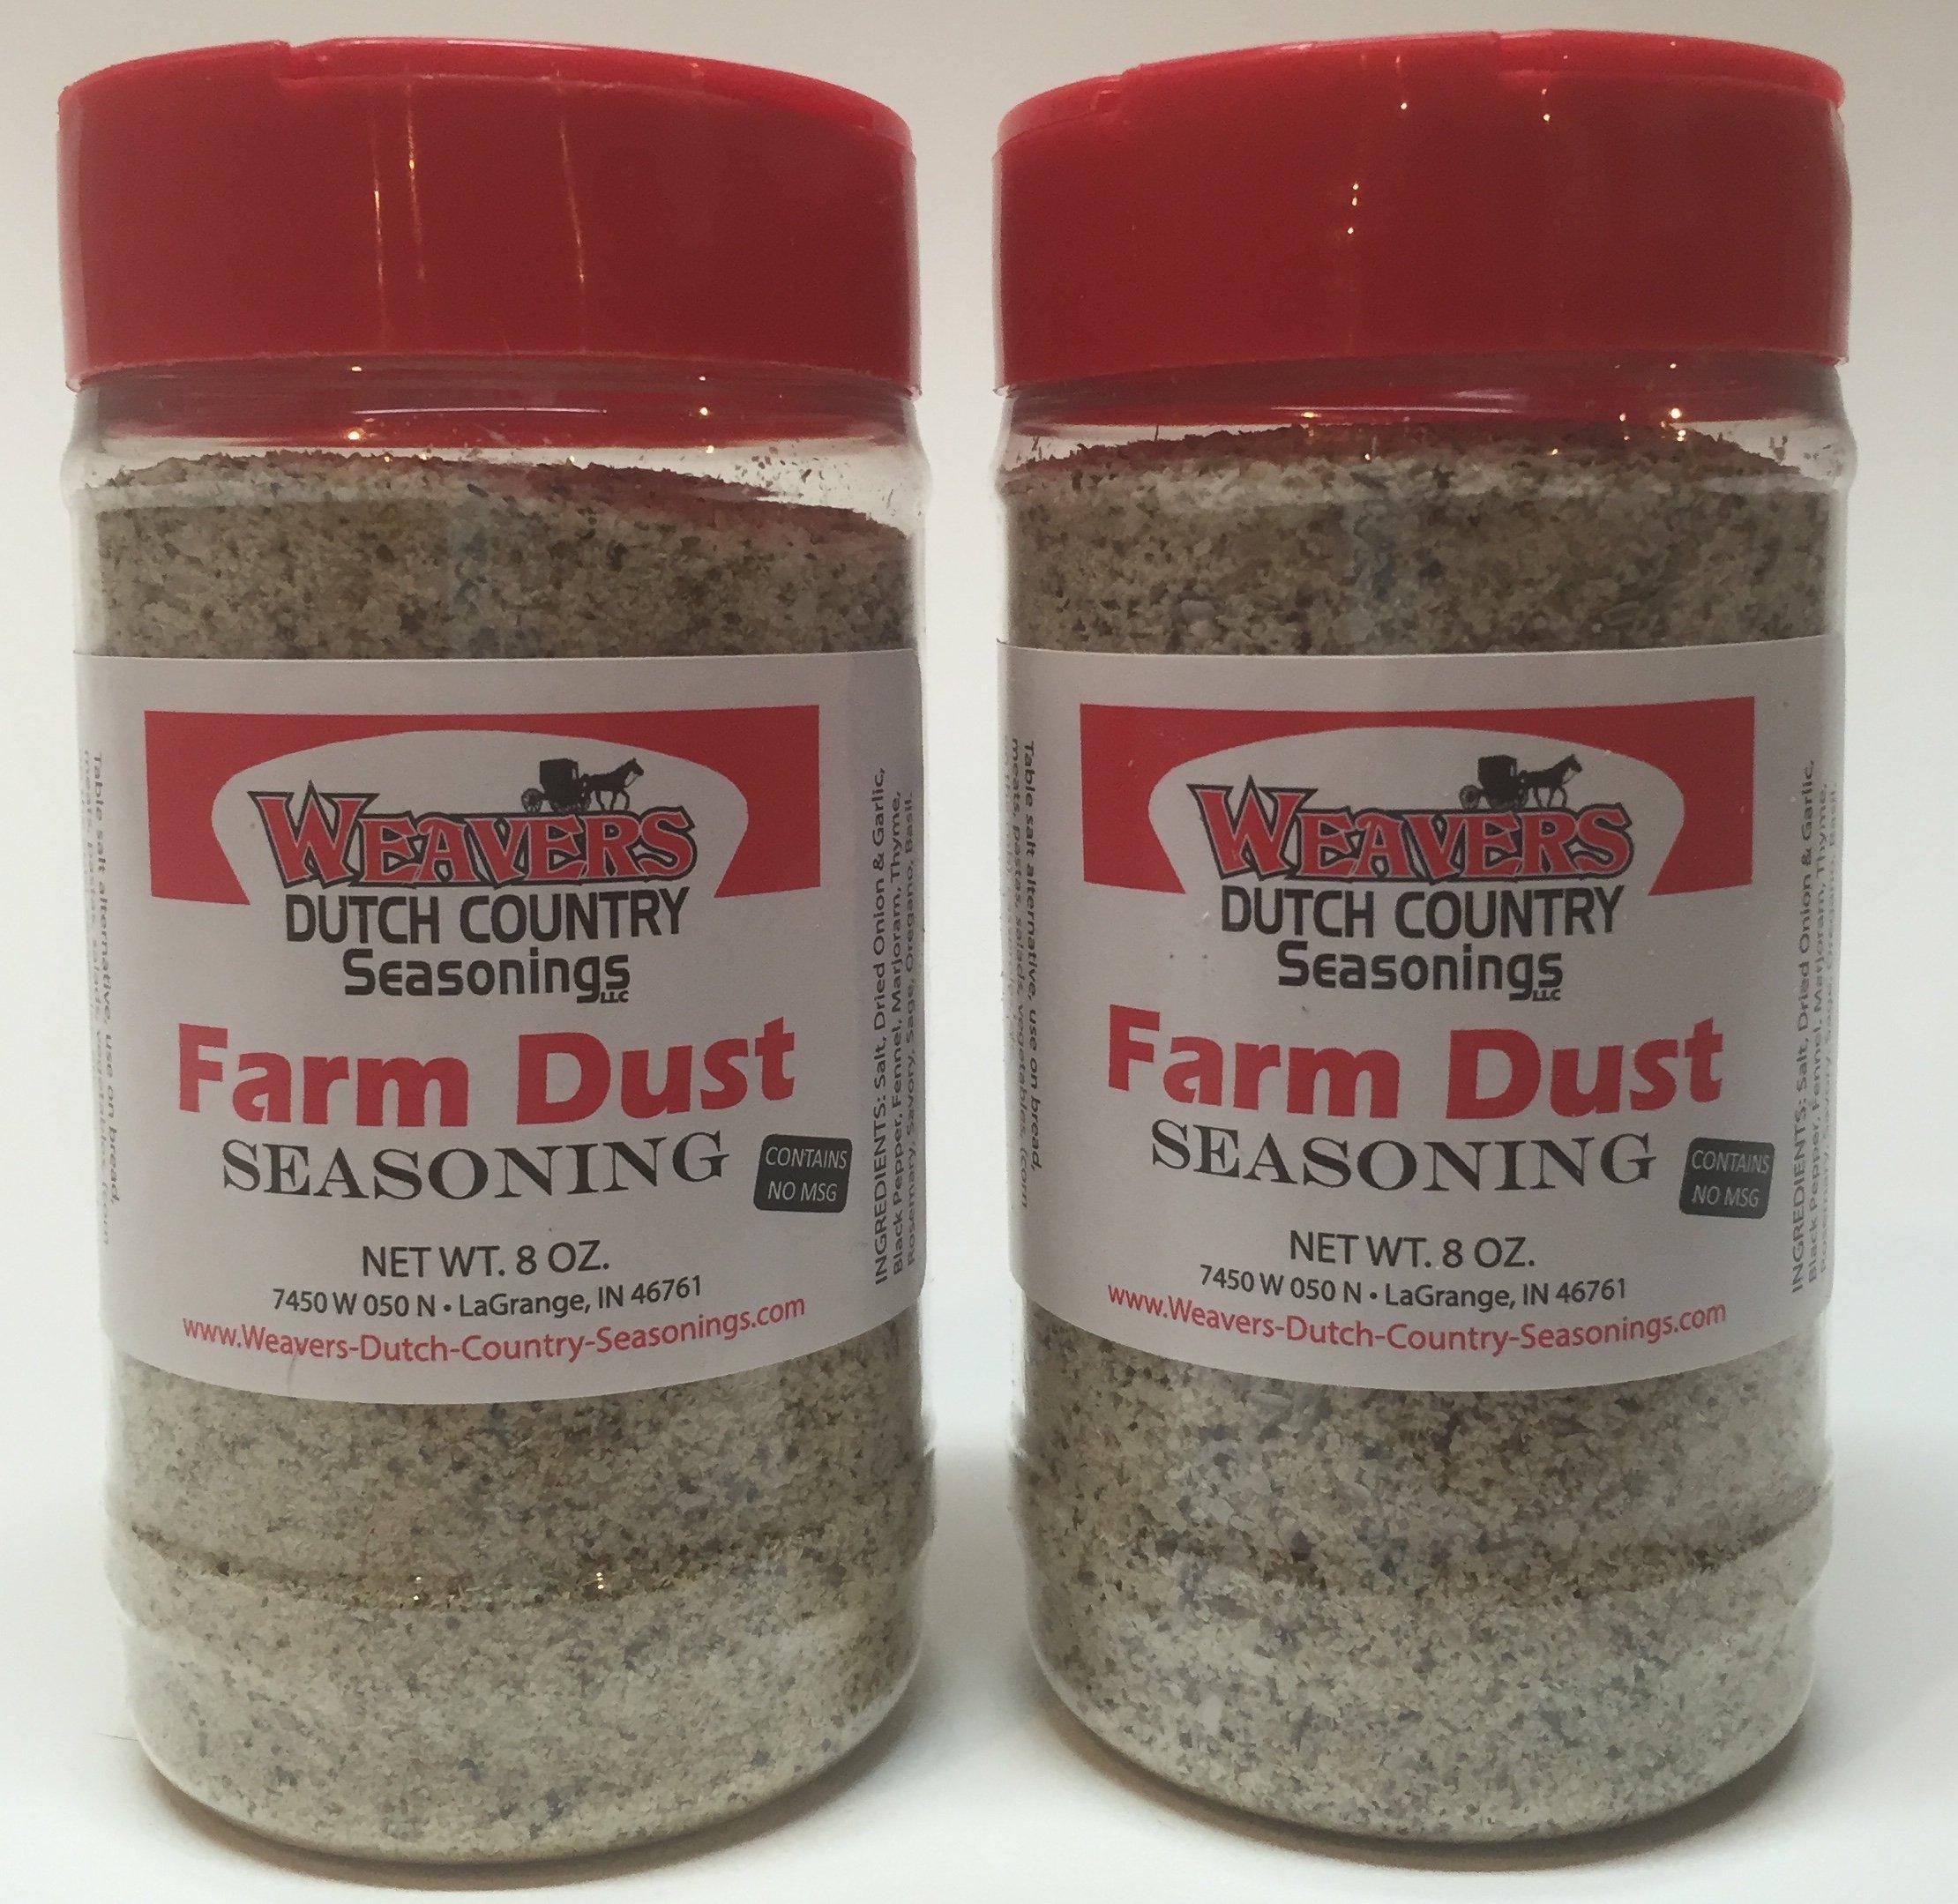 Weavers Farm Dust Seasoning, Original Bundle